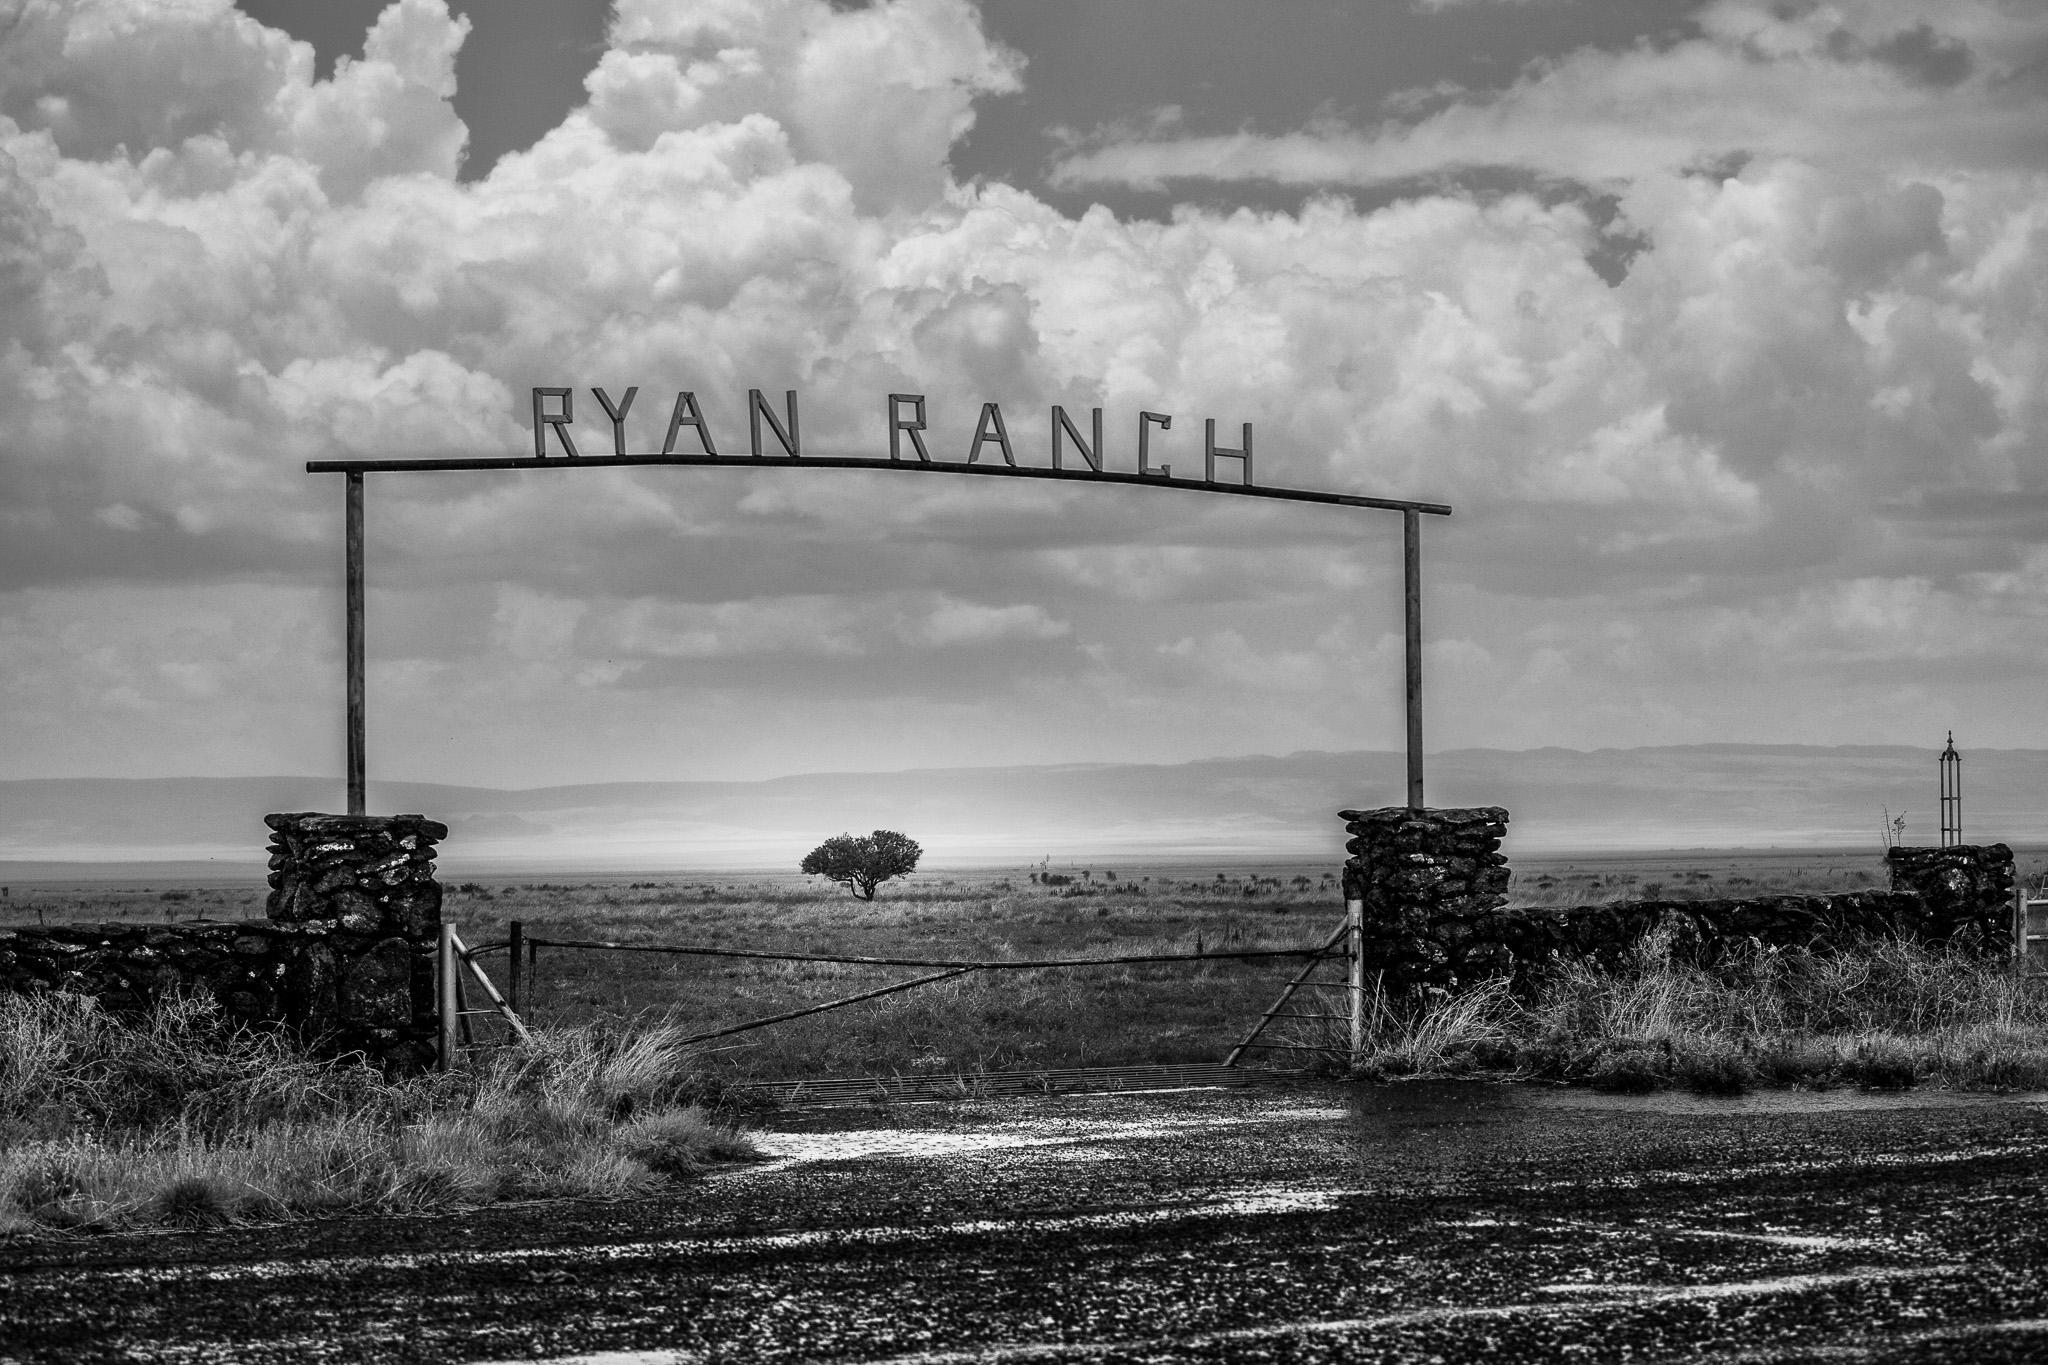 Ryan Ranch